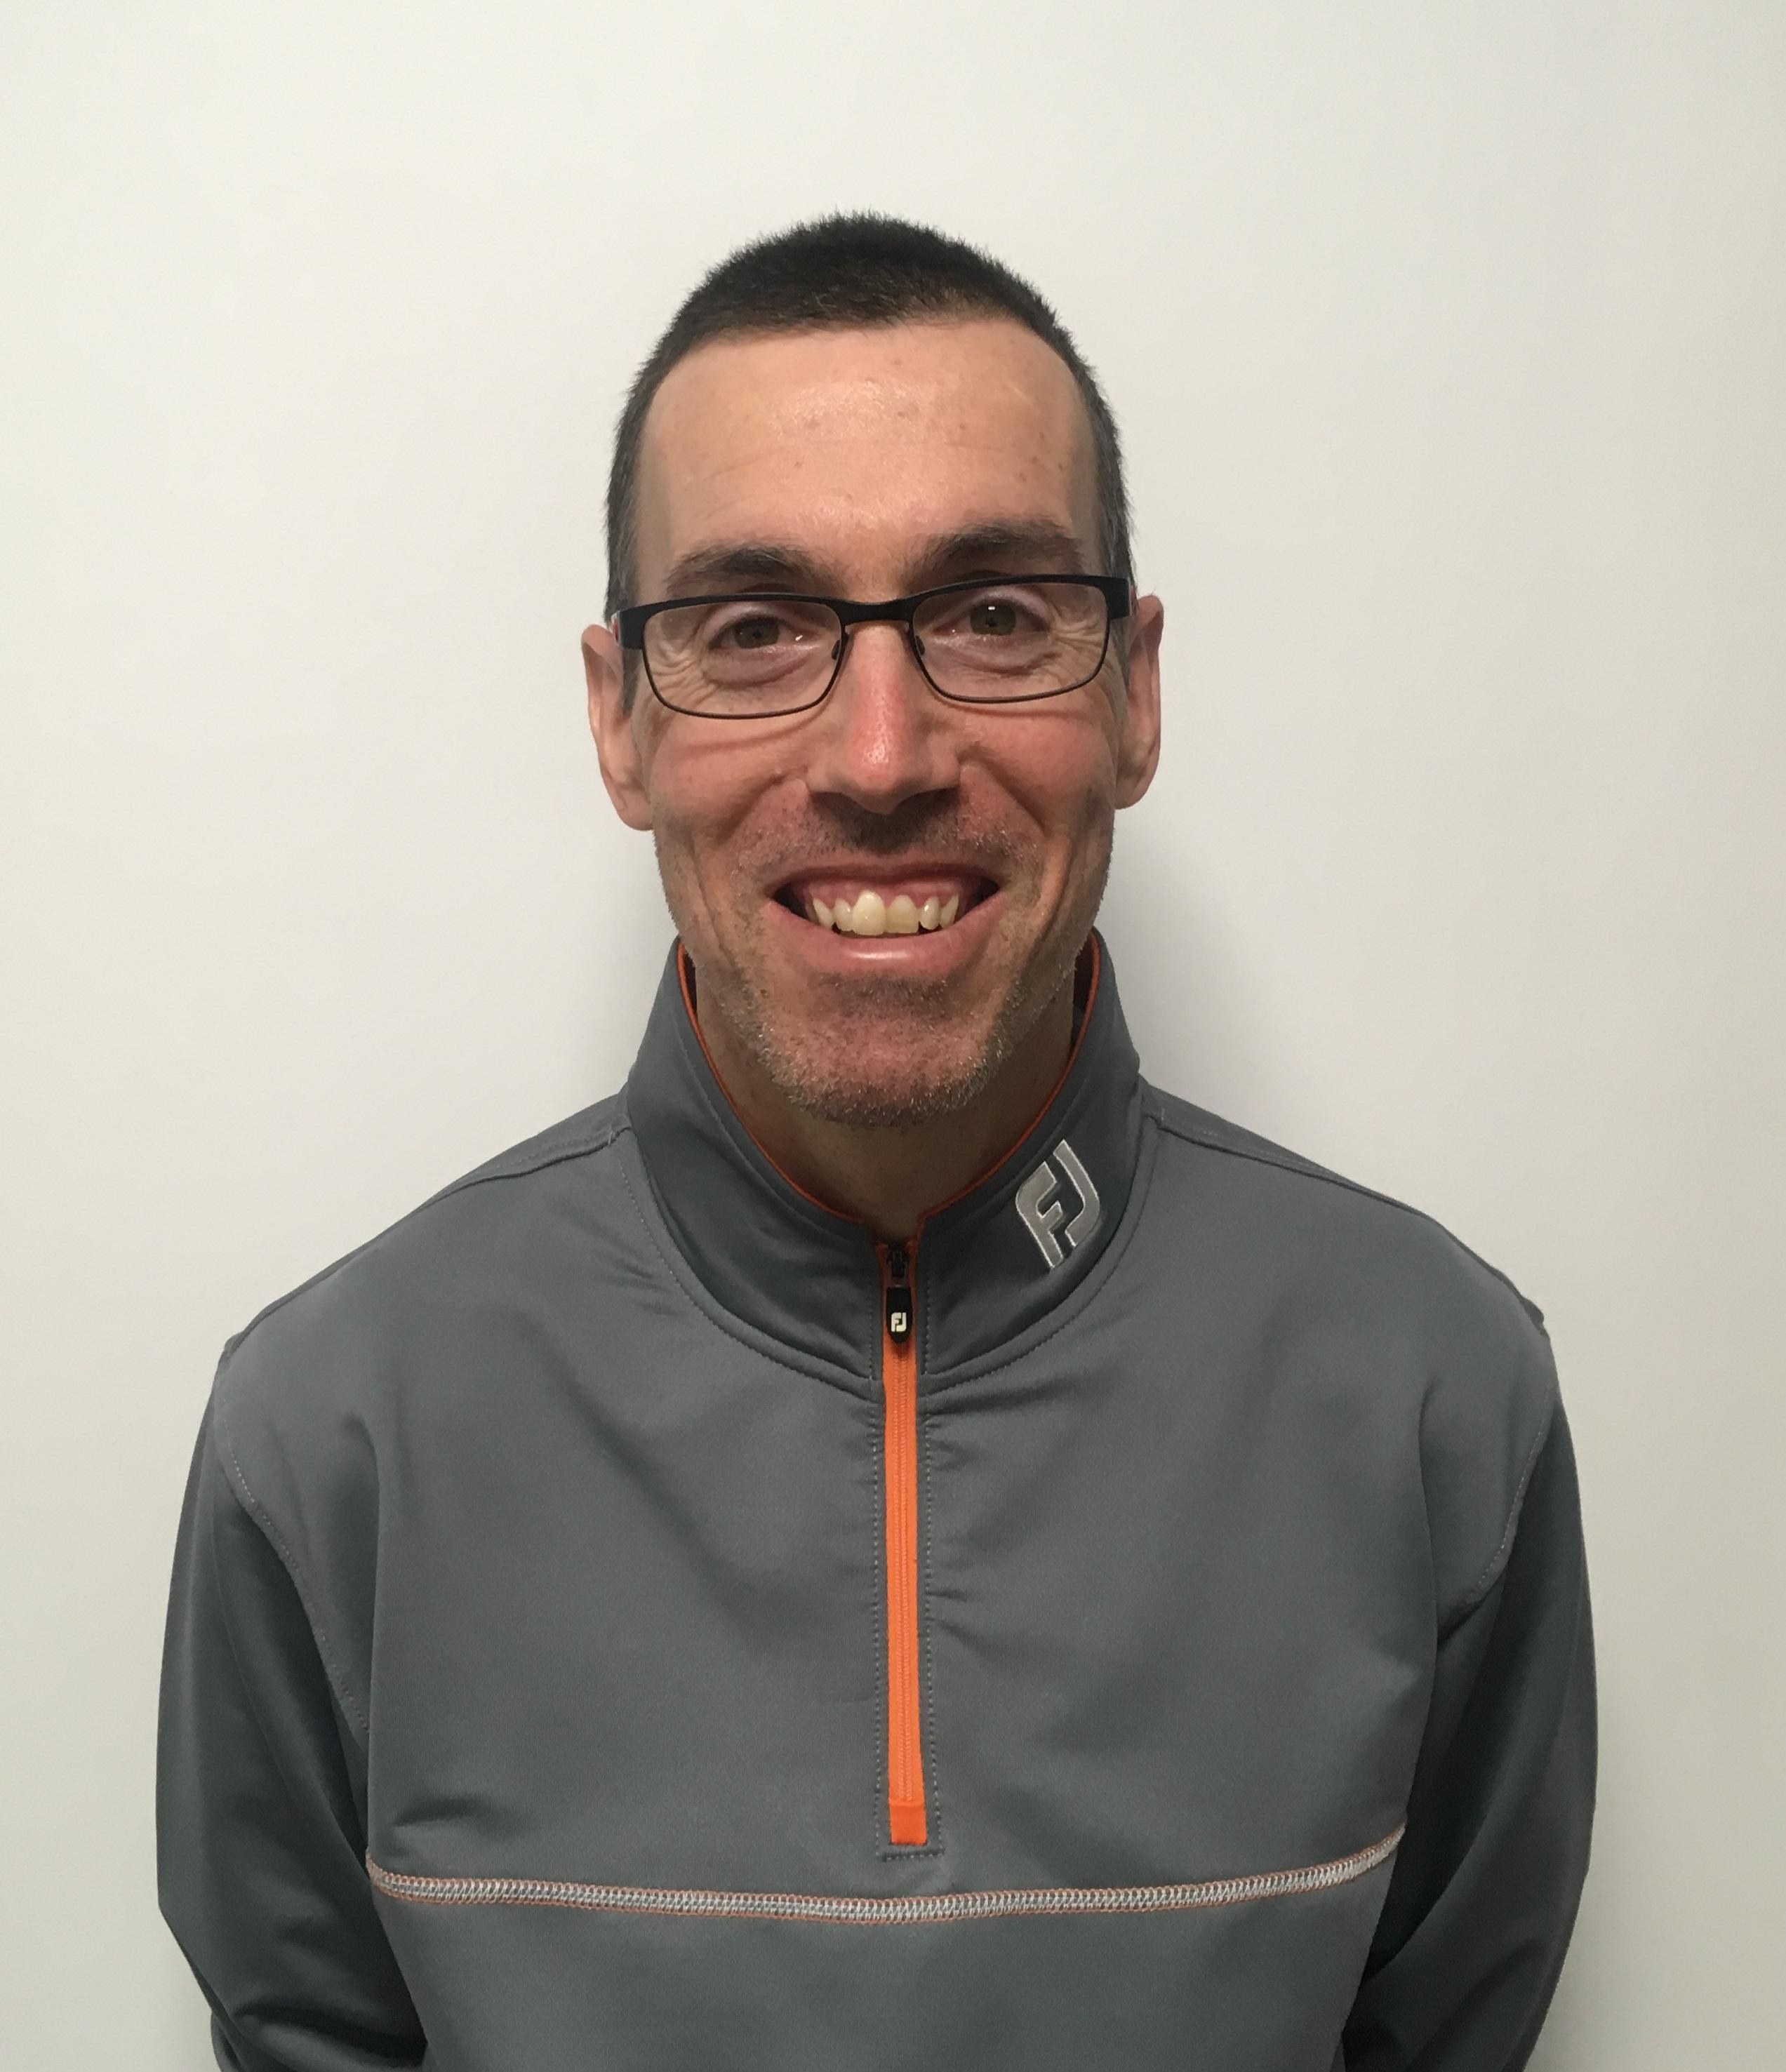 Dom, Fitteur et joueur professionnel (ancien du Challenge-Tour)